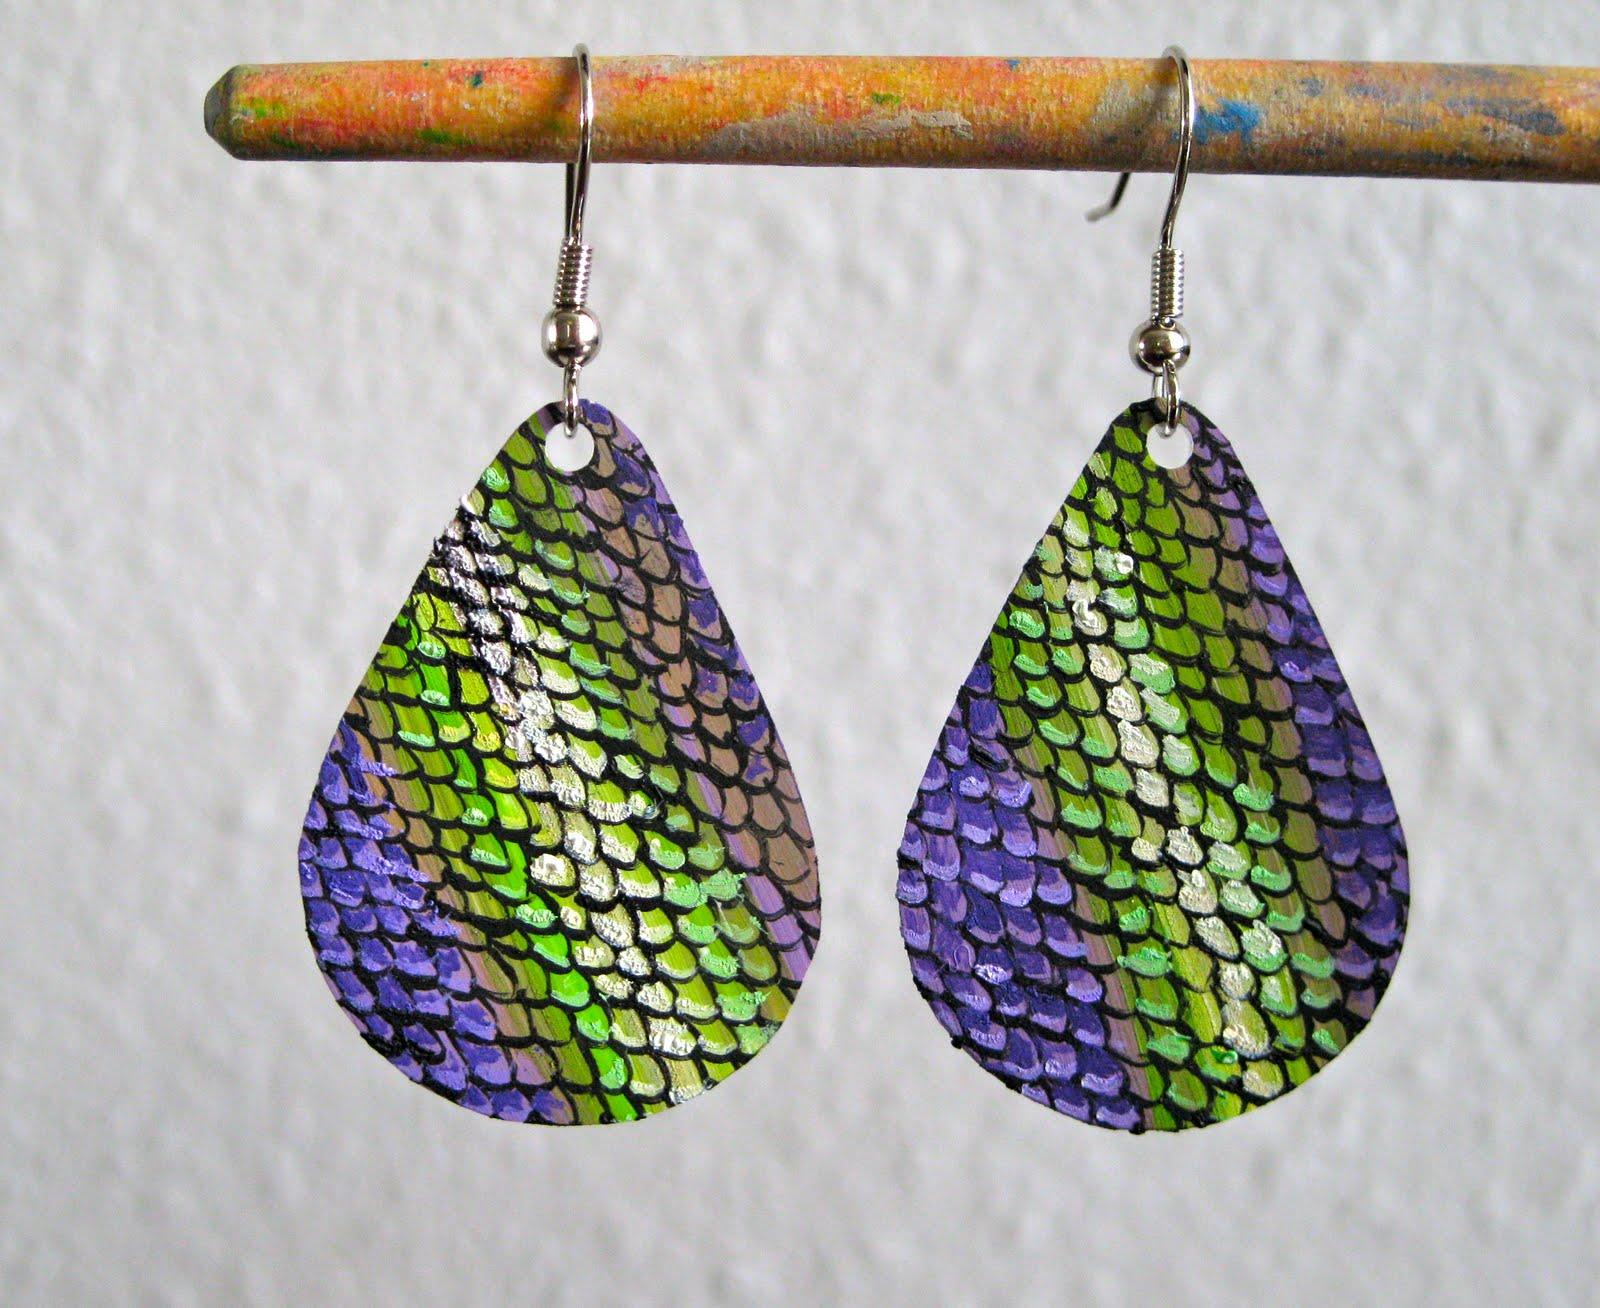 art for all shrinky dink earrings